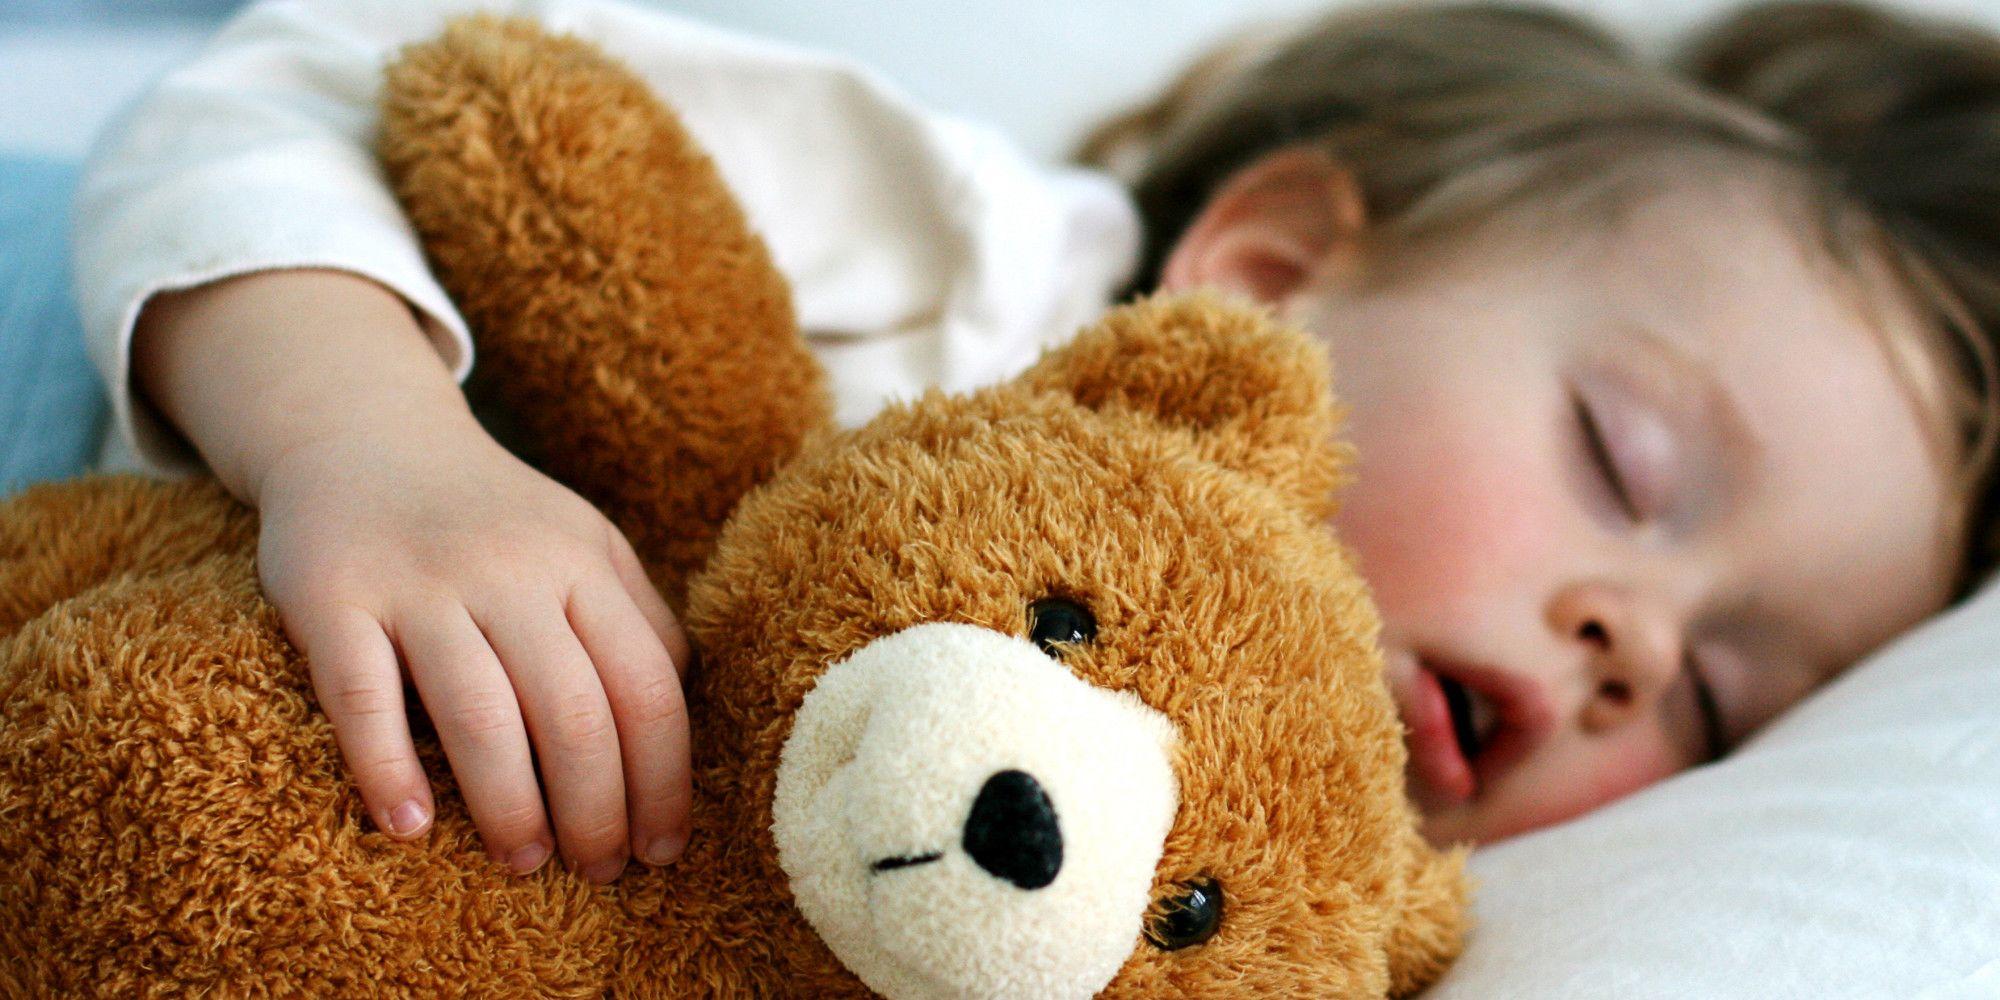 3. Tidur dalam kondisi sangat lelah